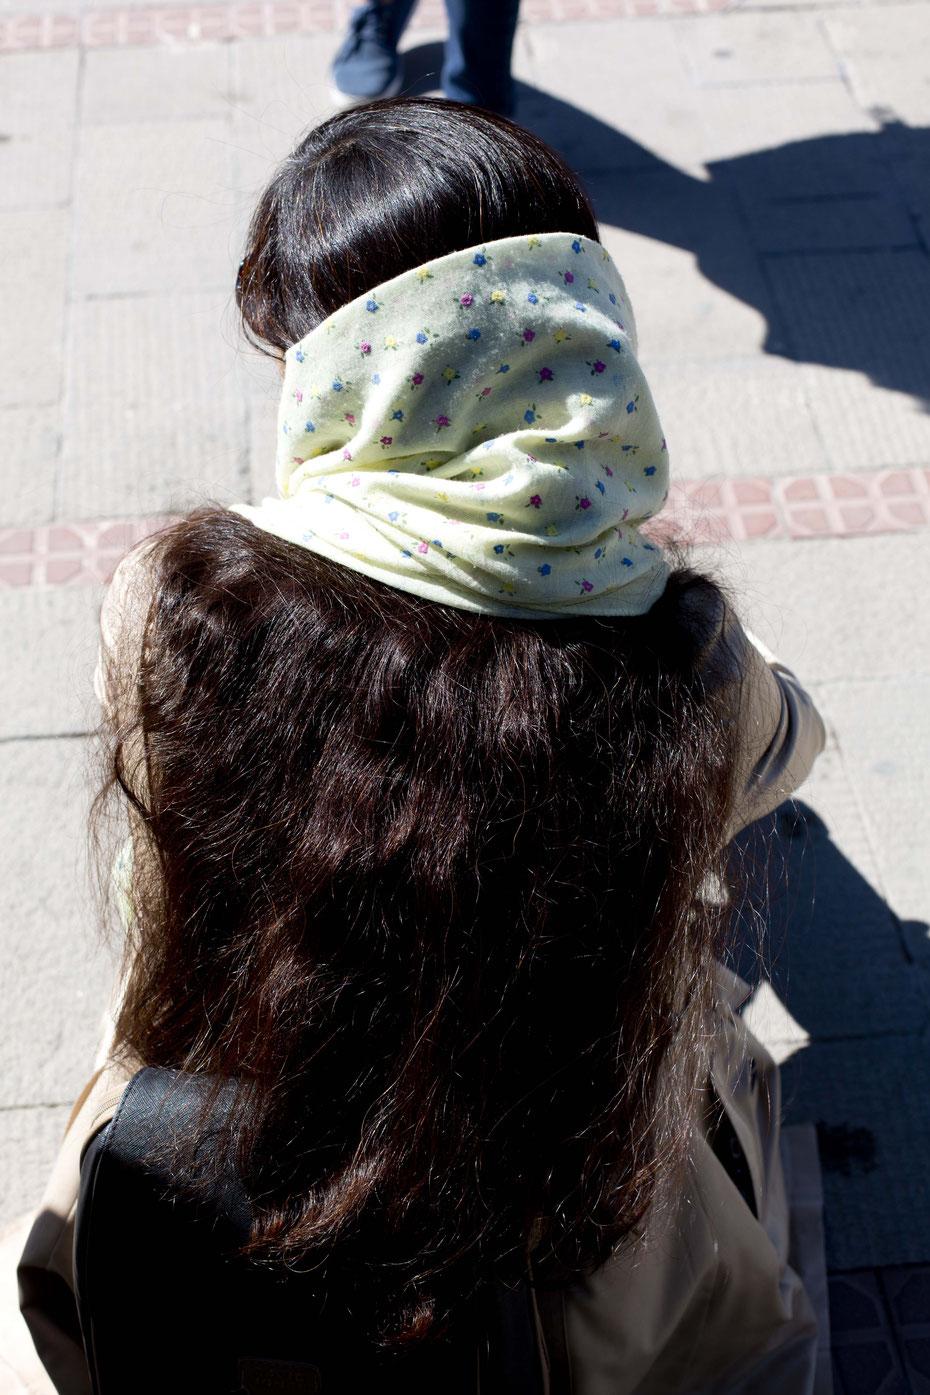 Hijab (jedoch so lose gebunden, dass seine eigentliche Funktion - die Haare vollständig zu verstecken - nicht mehr erfüllt wird), Täbriz, Iran